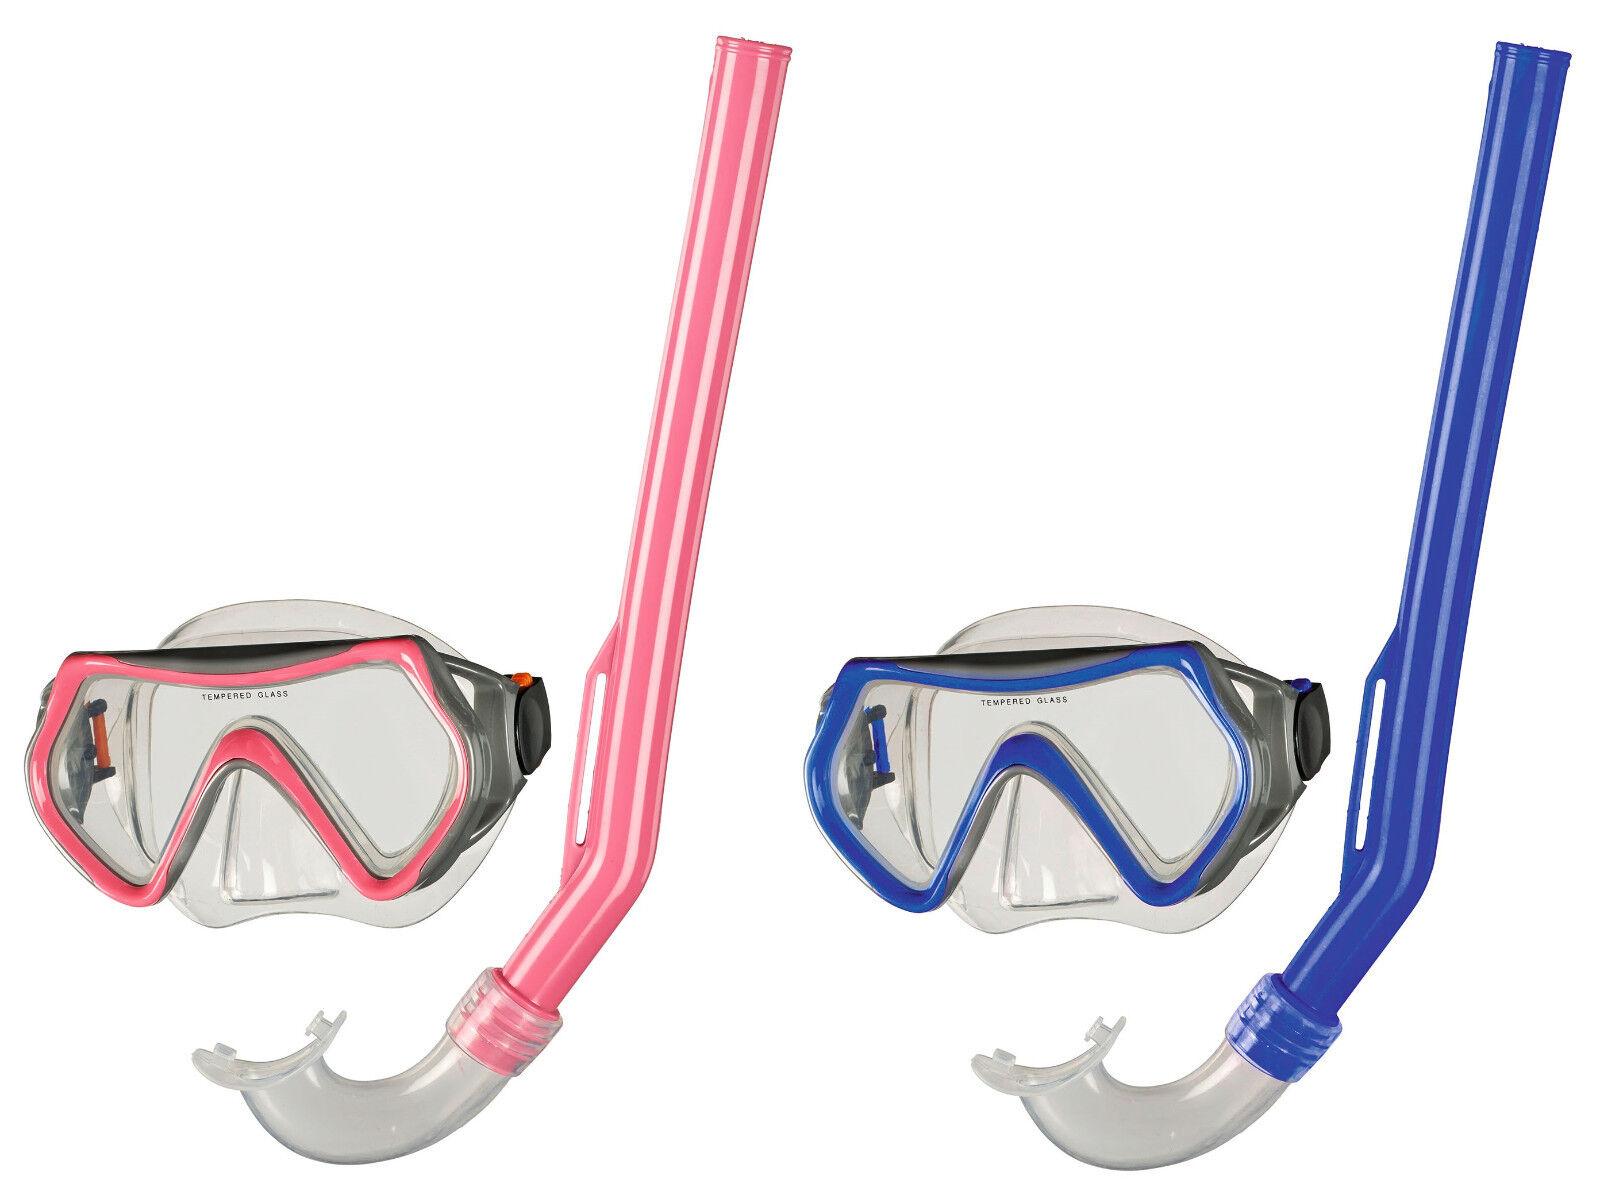 BECO Kinder Schnorchel-Set Tauchermaske Taucherbrille Pula 4+ pink / blau